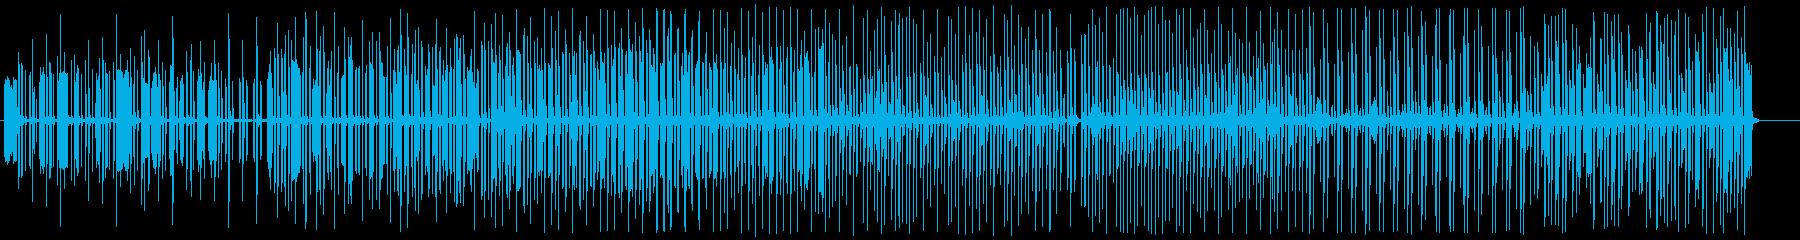 アコーディオン木琴のまったりマーチ♫の再生済みの波形